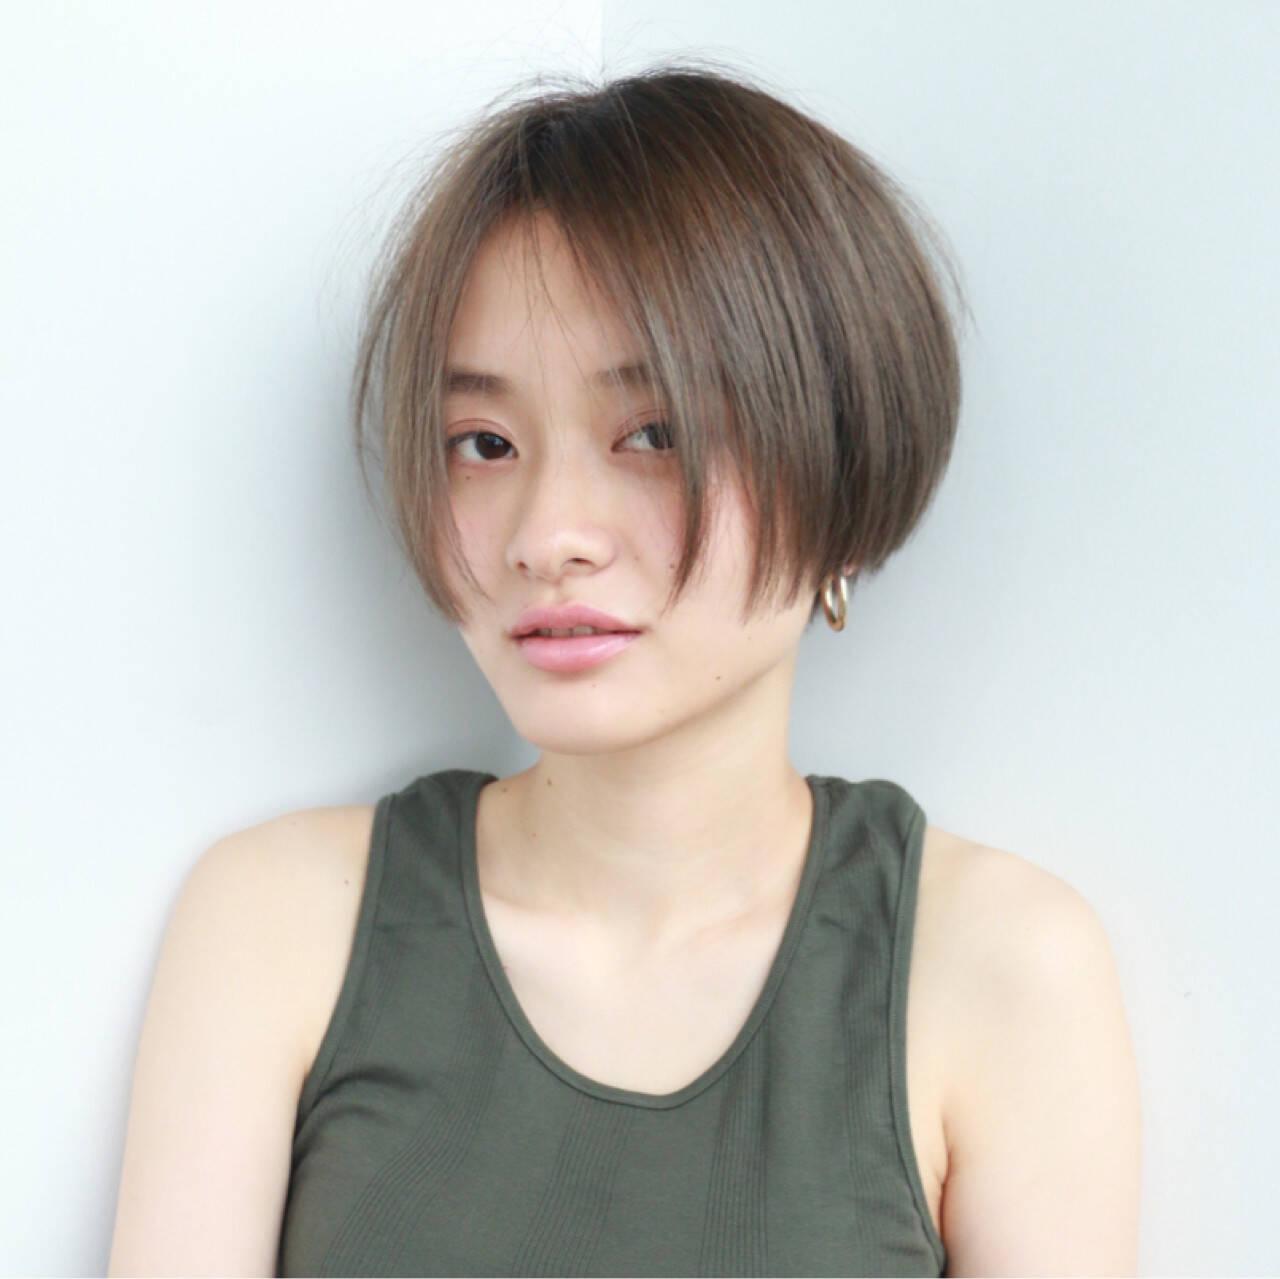 ストリート ブリーチ ダブルカラー フレンチセピアアッシュヘアスタイルや髪型の写真・画像